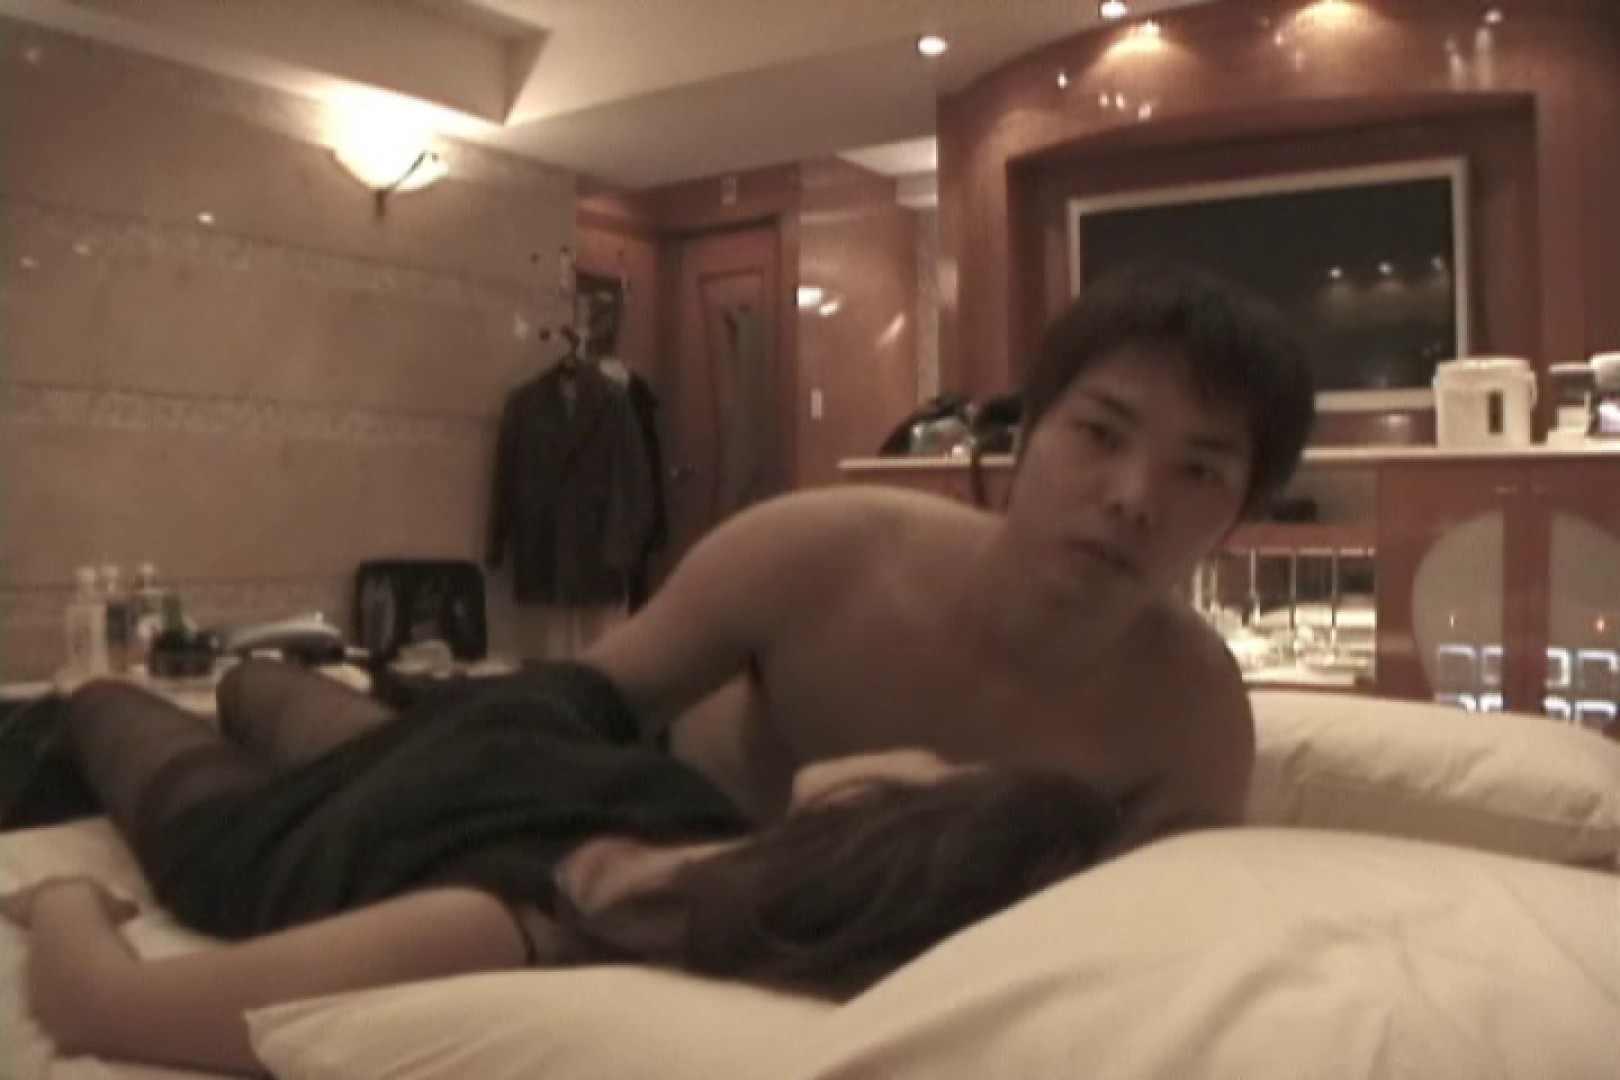 敏感な私の体を好きにして~川田さやか~ ローター | フェラ  99pic 52